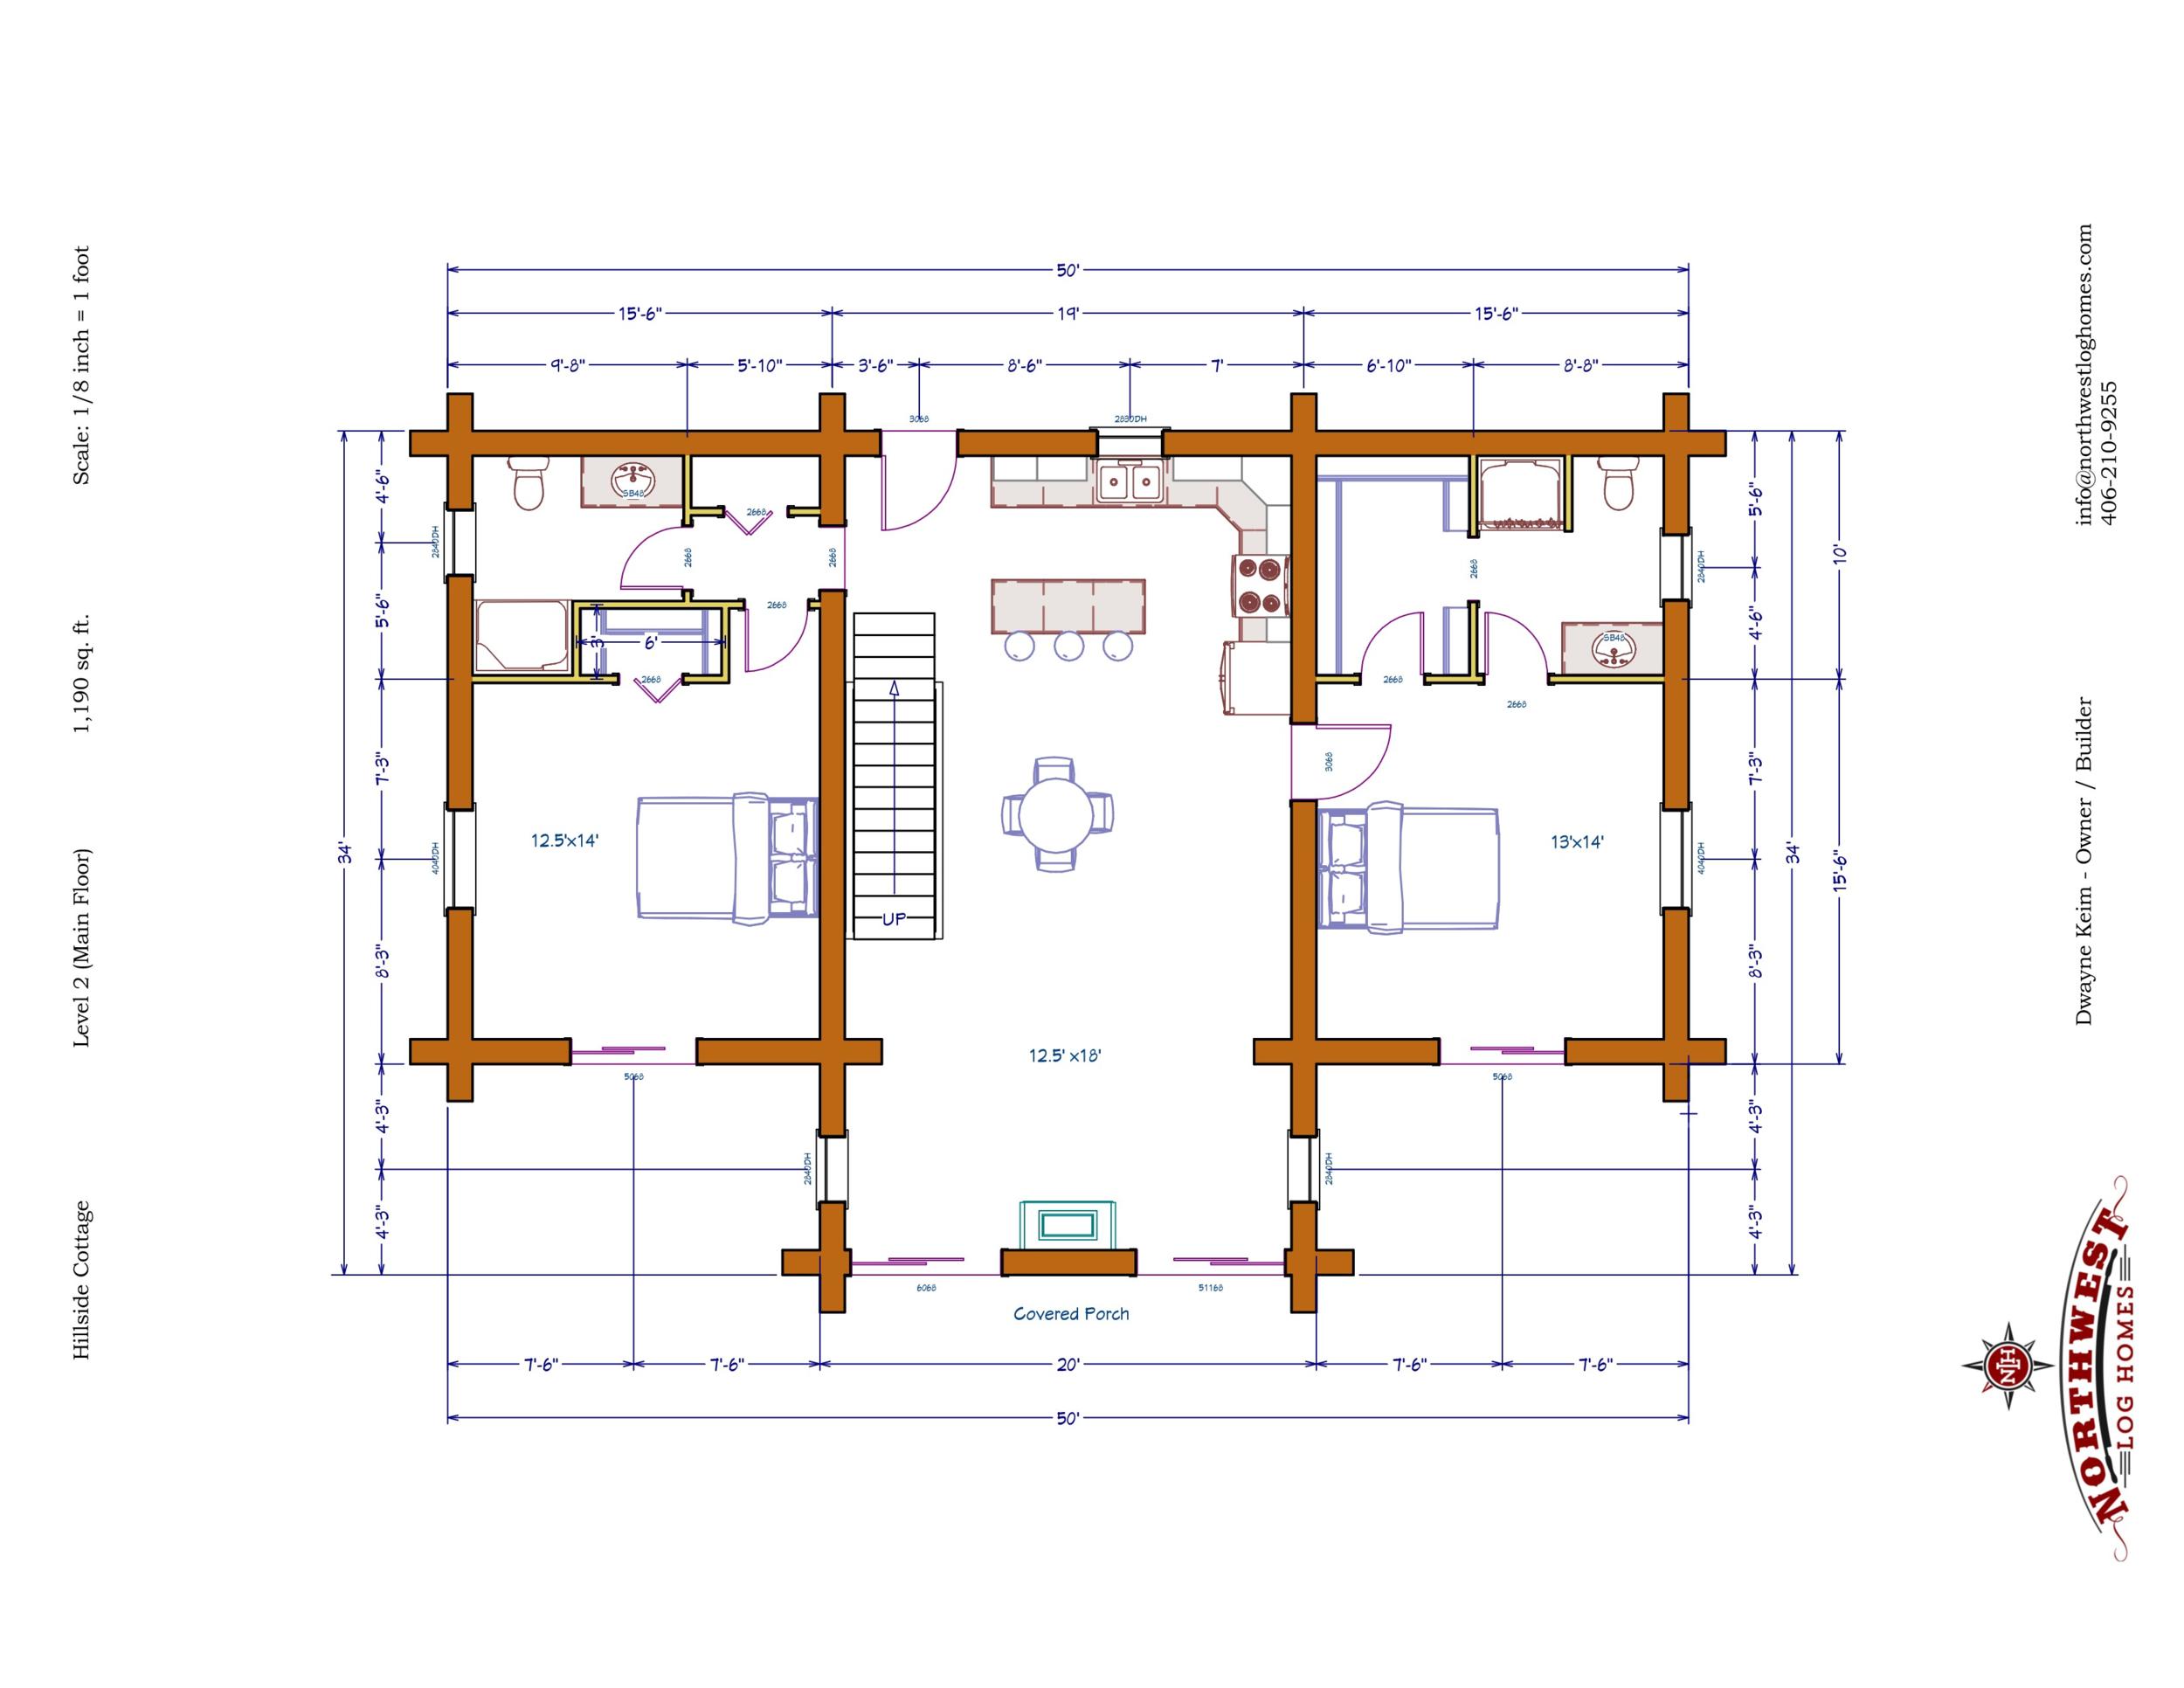 Main Floor - 1,190 sq. ft.